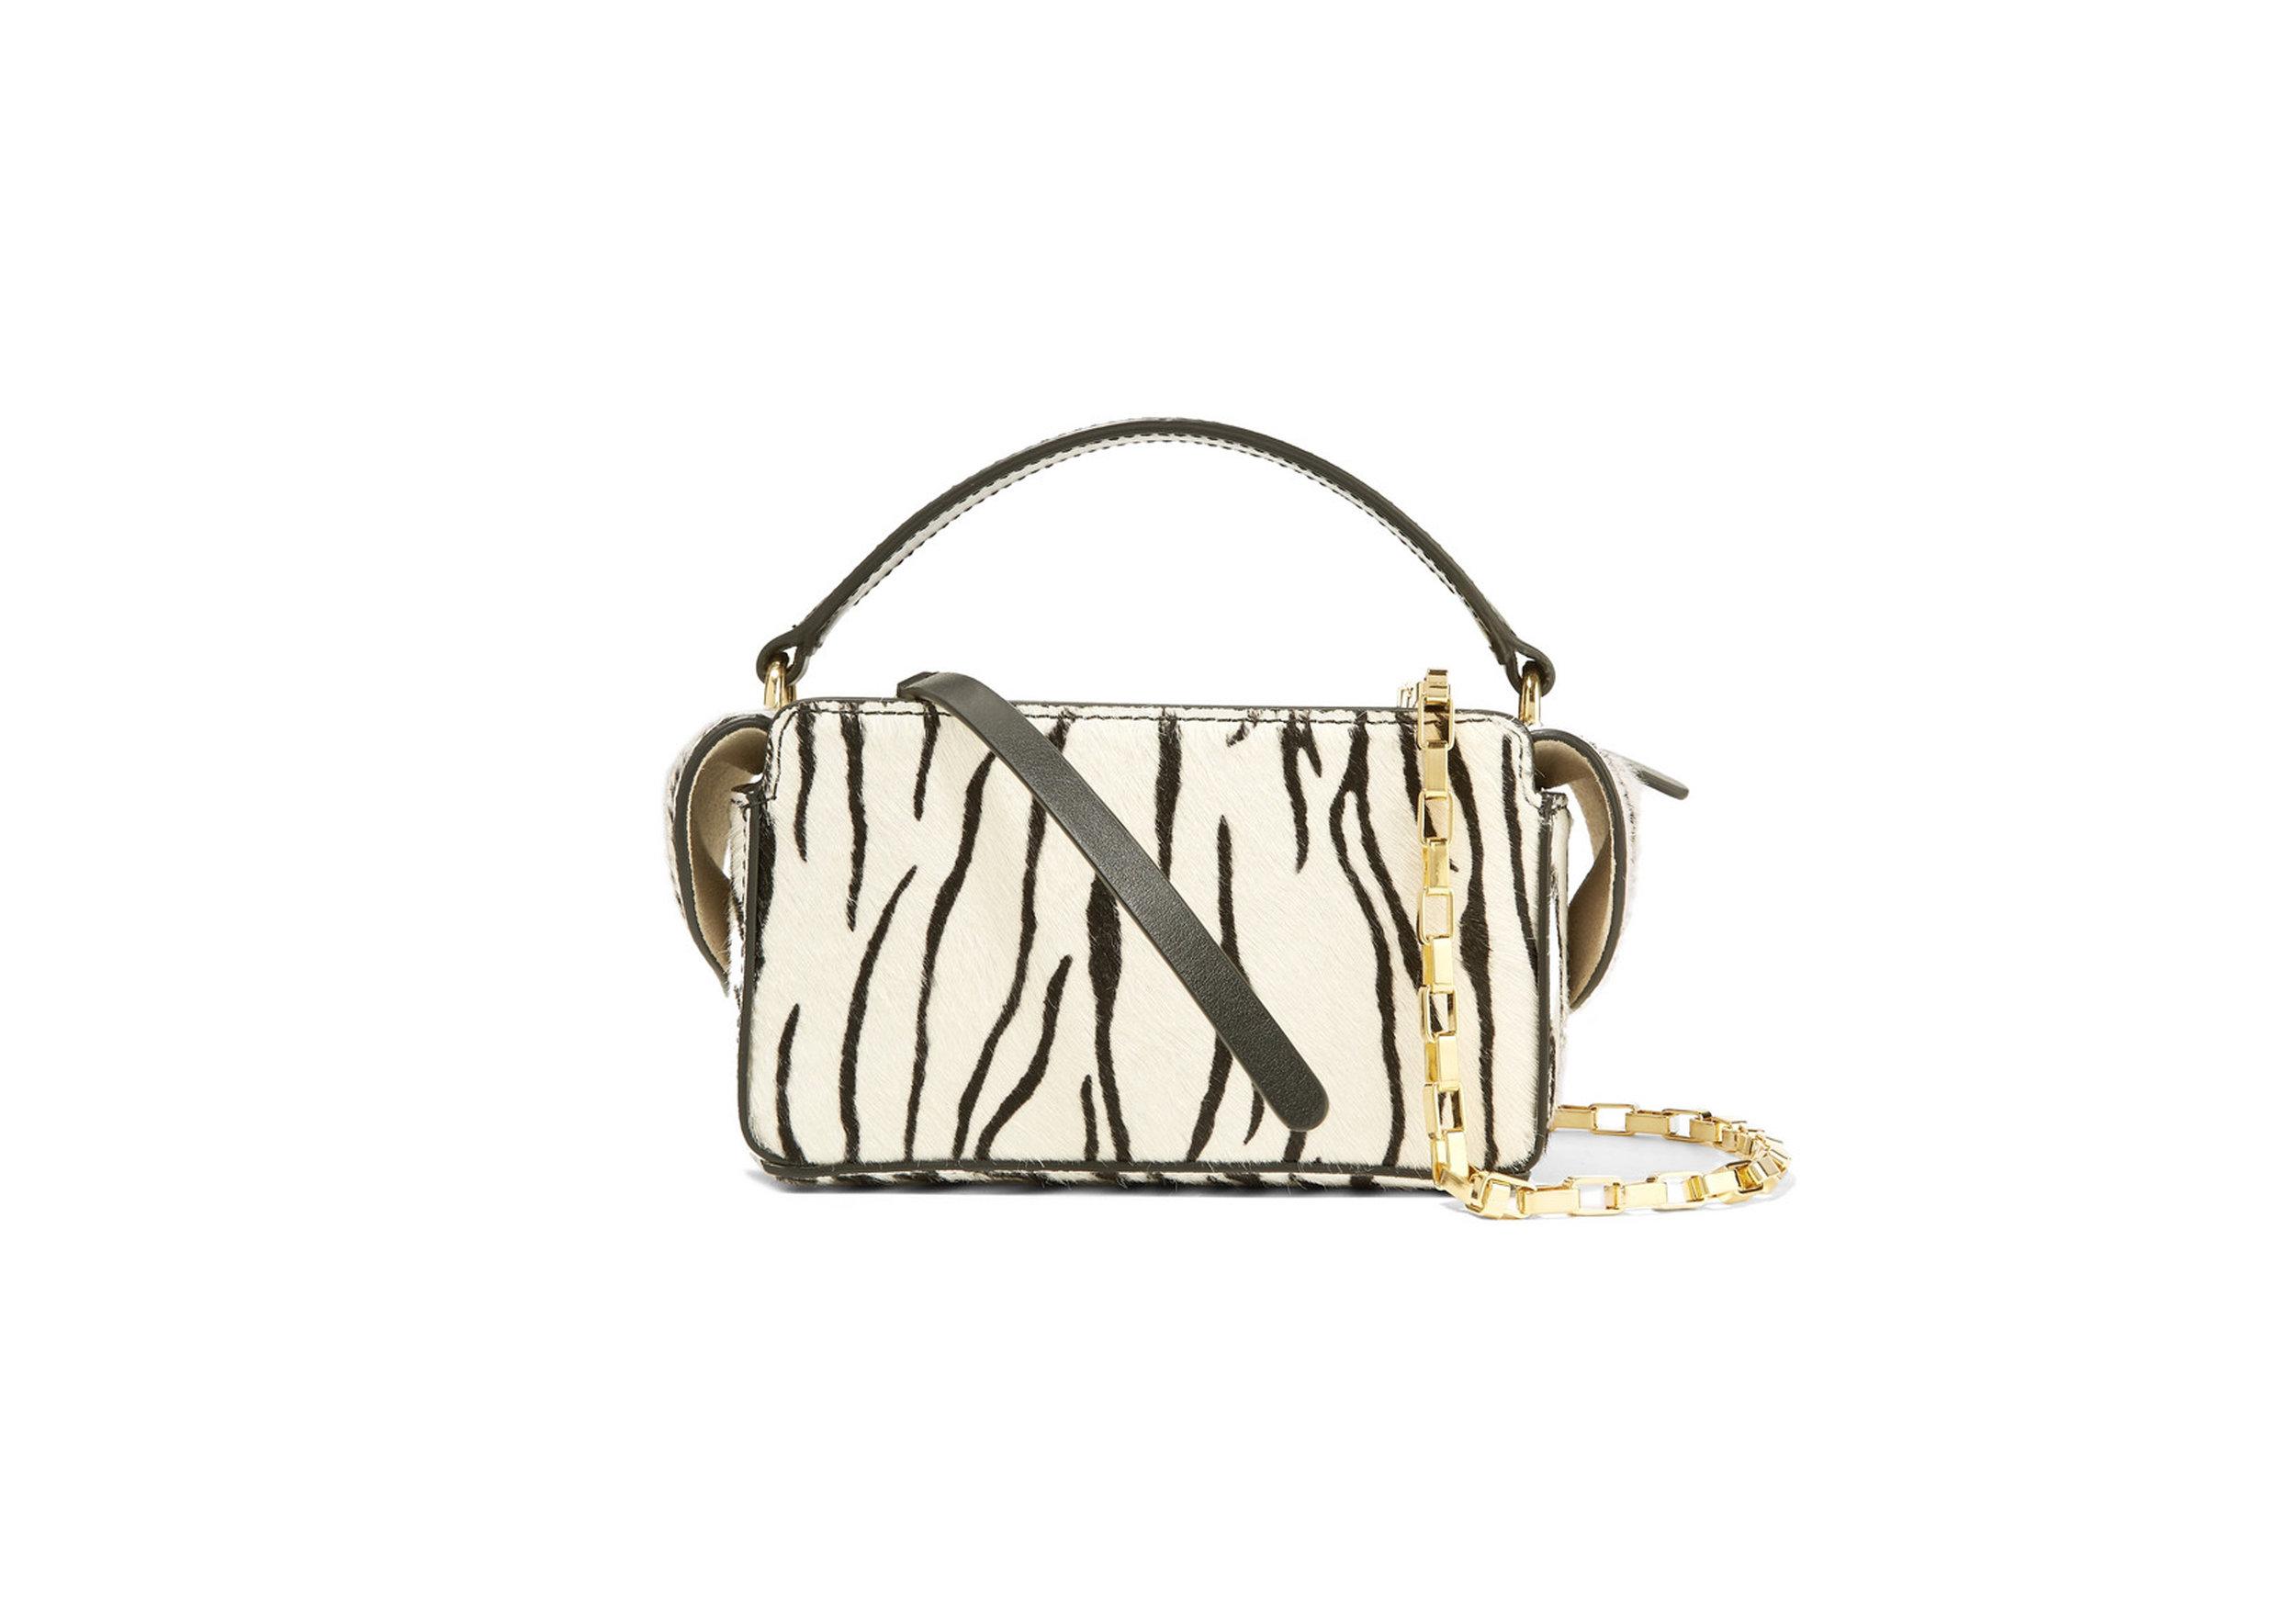 Wandler - Yara Box Leather-Trimmed Zebra-Print Shoulder Bag, SGD 782